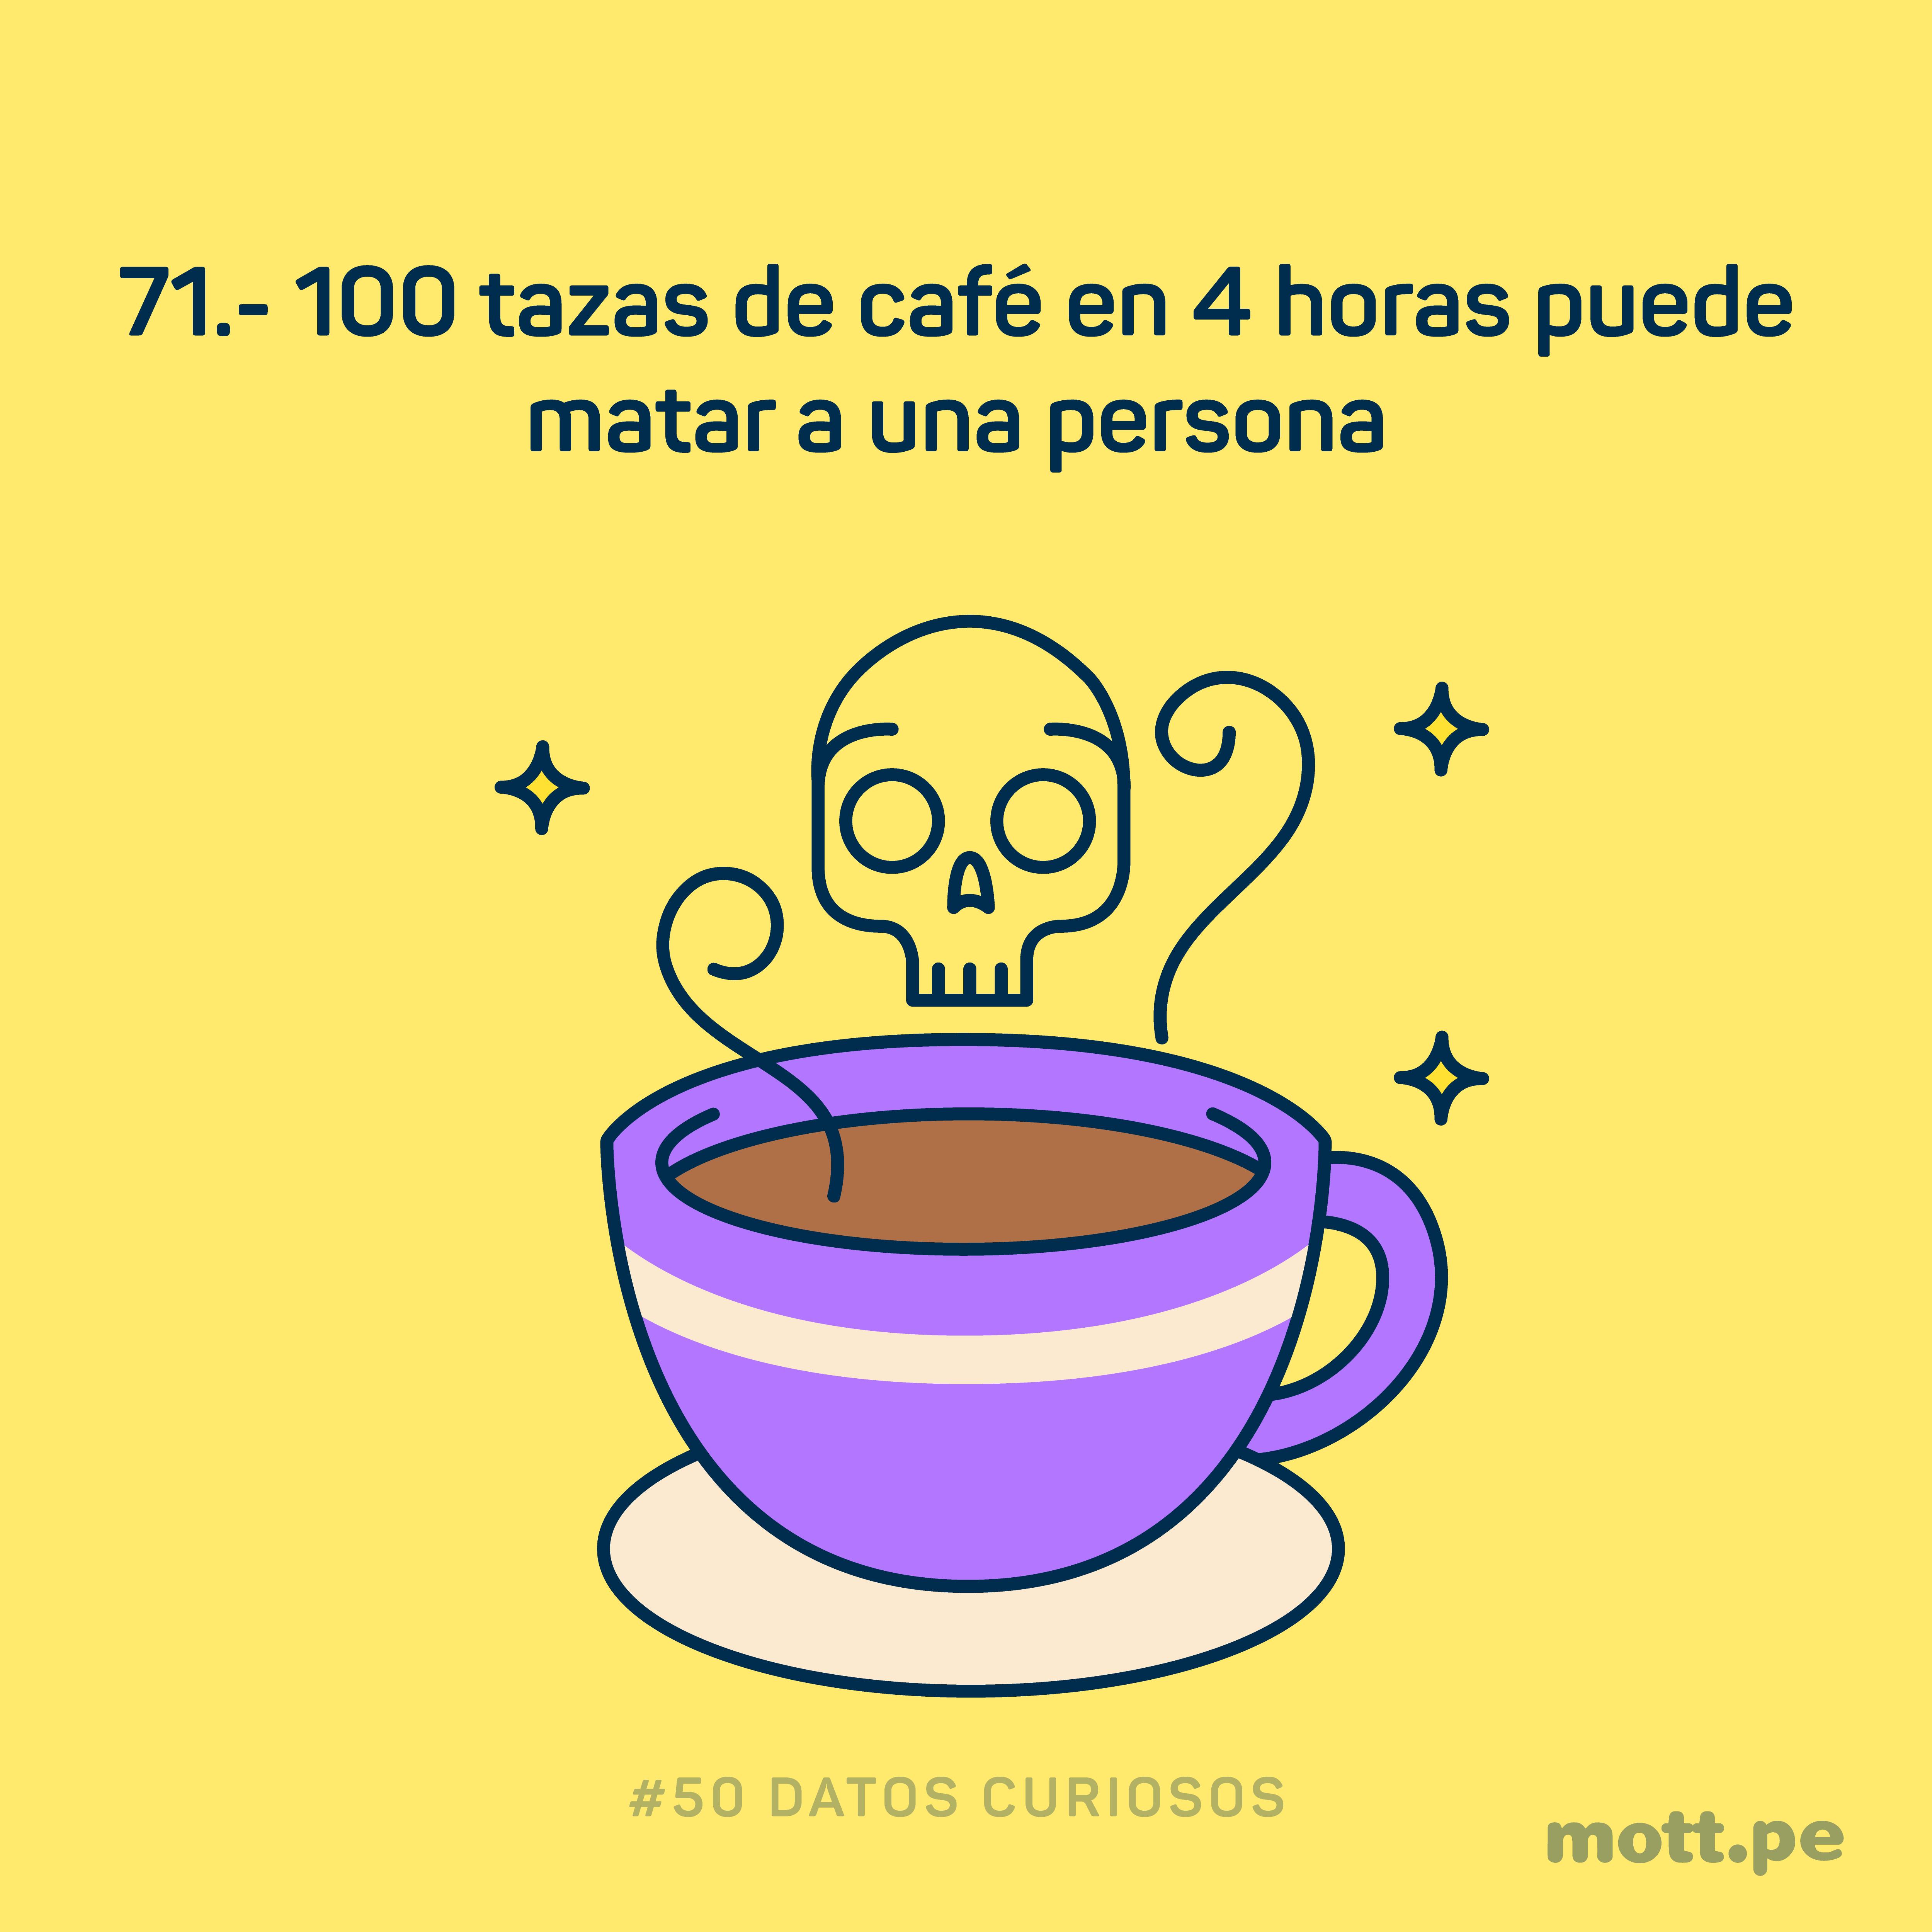 tomar 100 tazas de cafe en 4 horas pueden matar a una persona